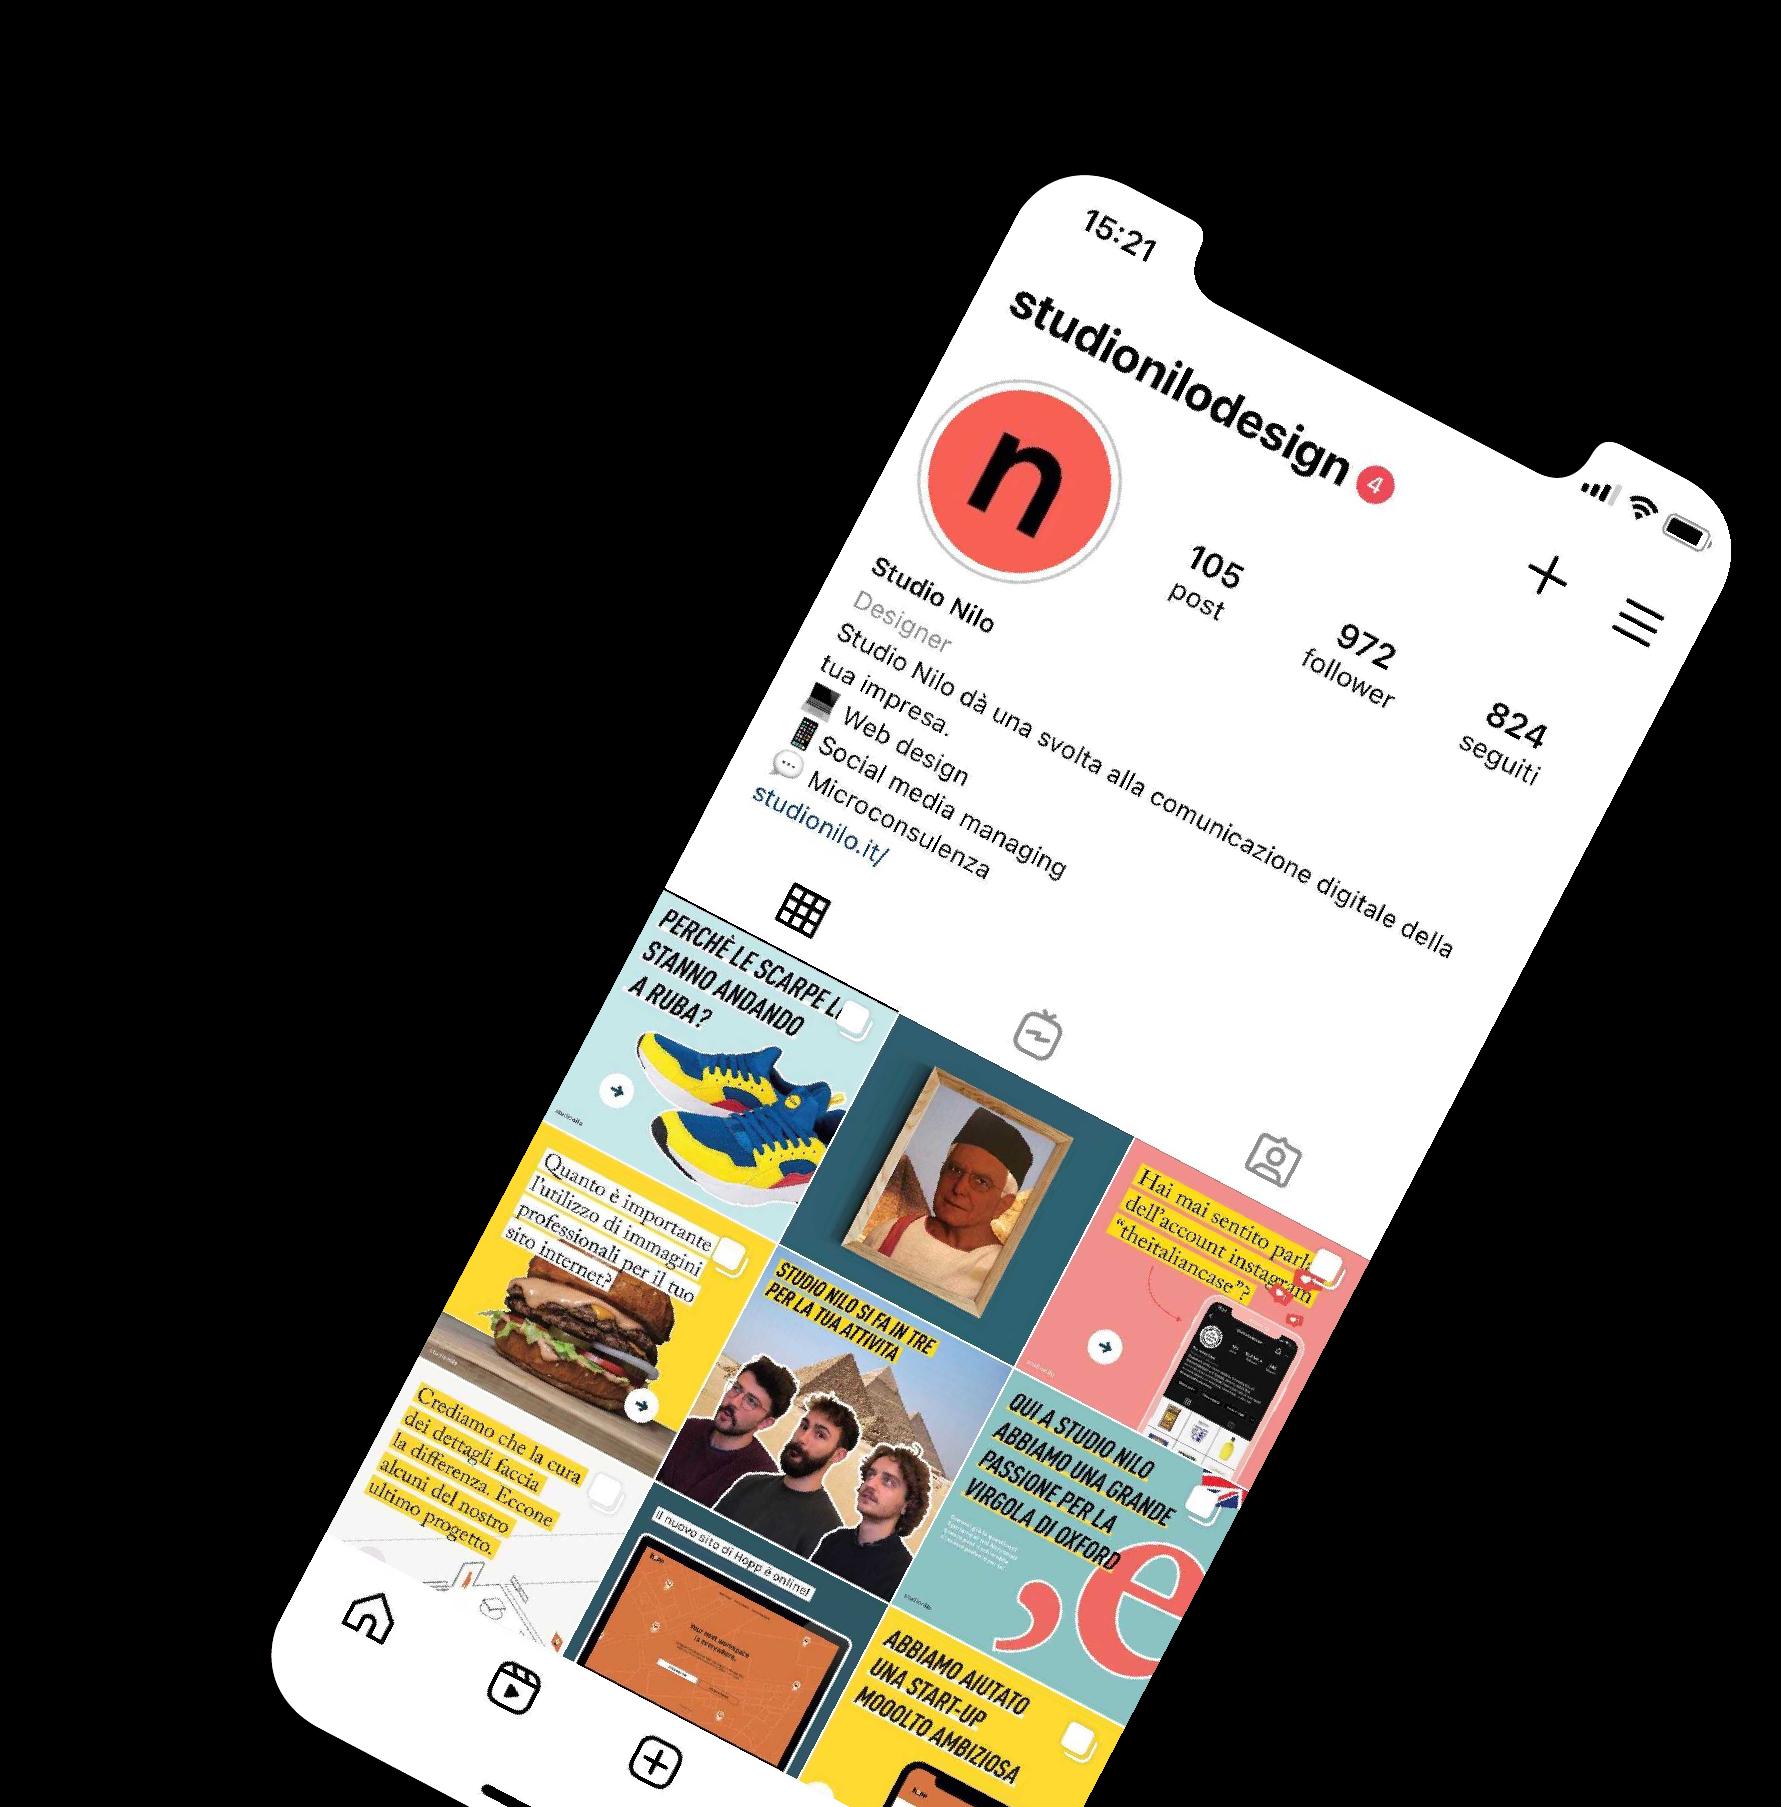 Uno smartphone mostra una porzione del feed Instagram del nostro account. Seguici!